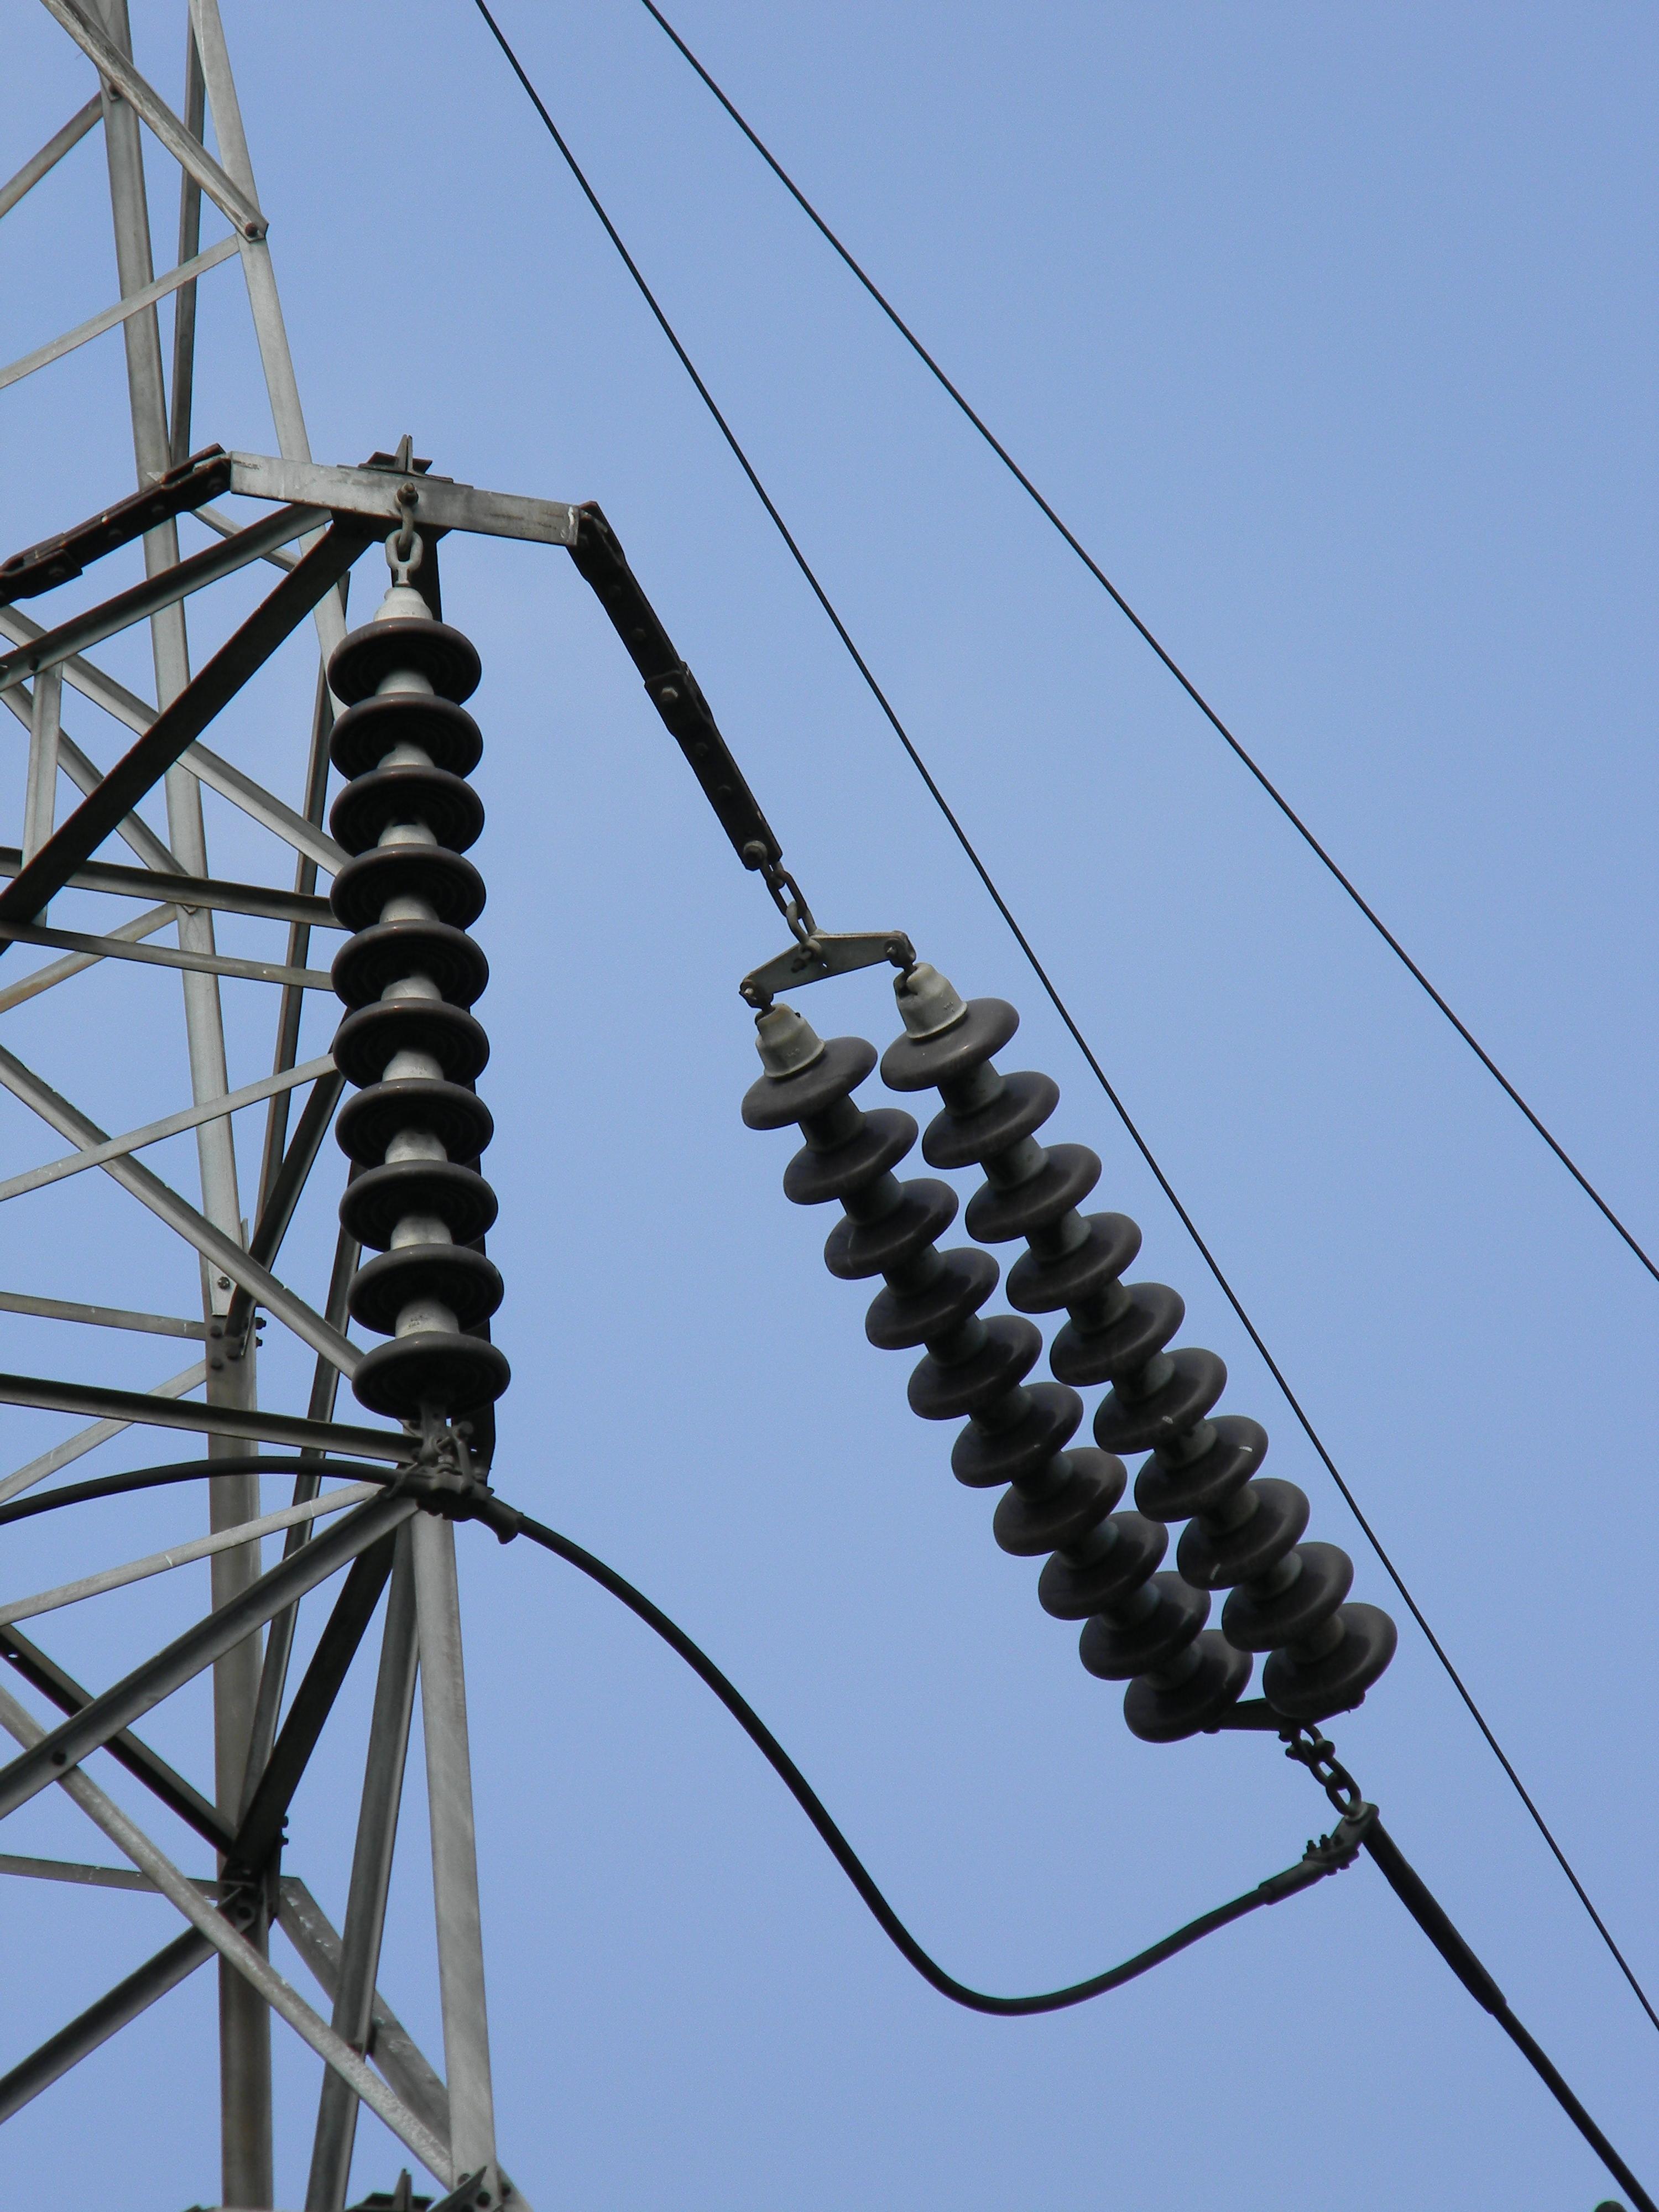 File:High Voltage Transmission Line Insulators - Howrah ...